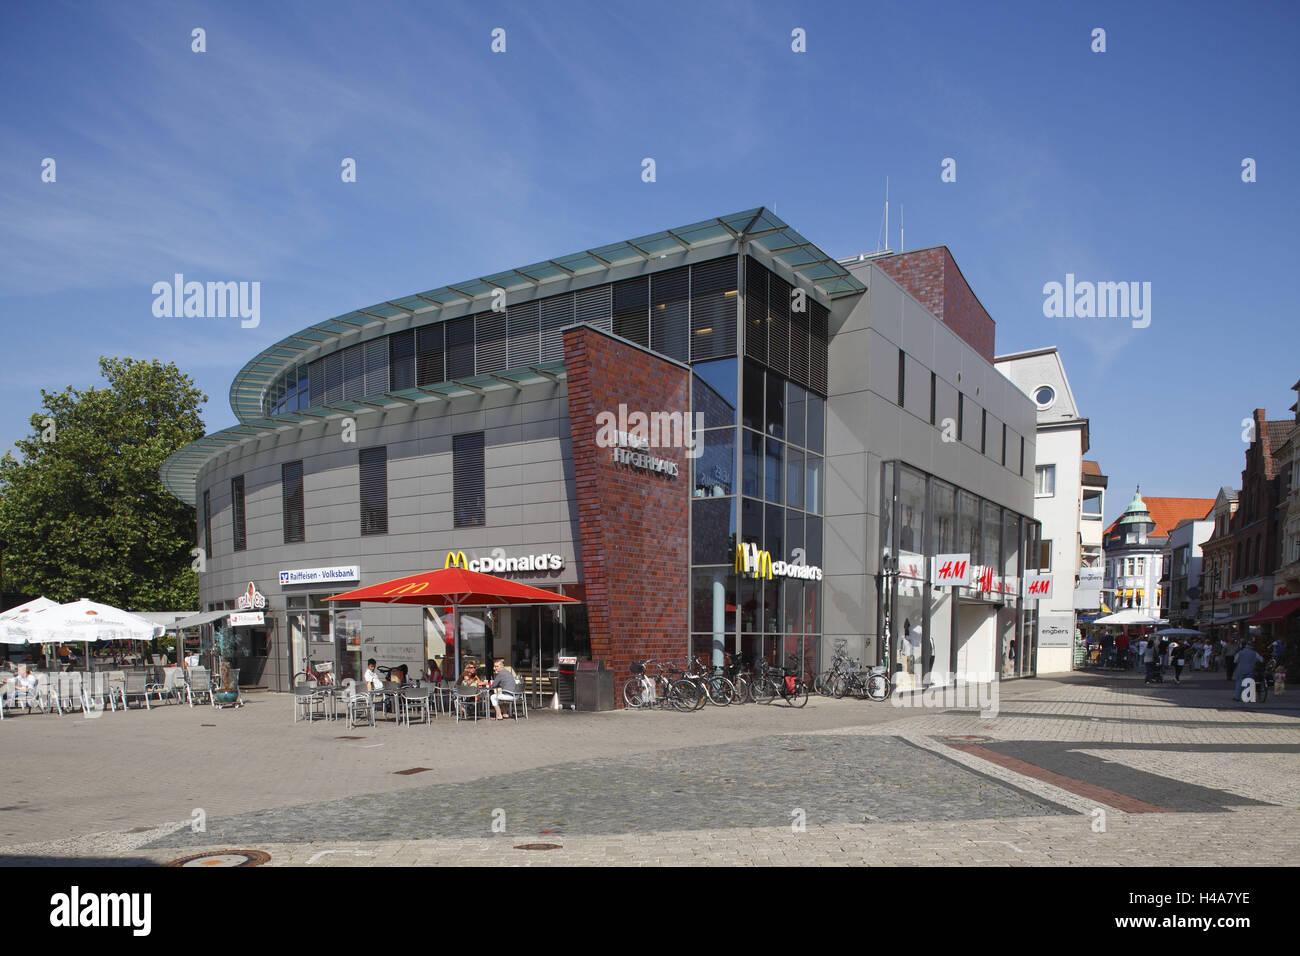 Fussgangerzone Oldenburg Karte.Deutschland Niedersachsen Delmenhorst Rathausplatz Und